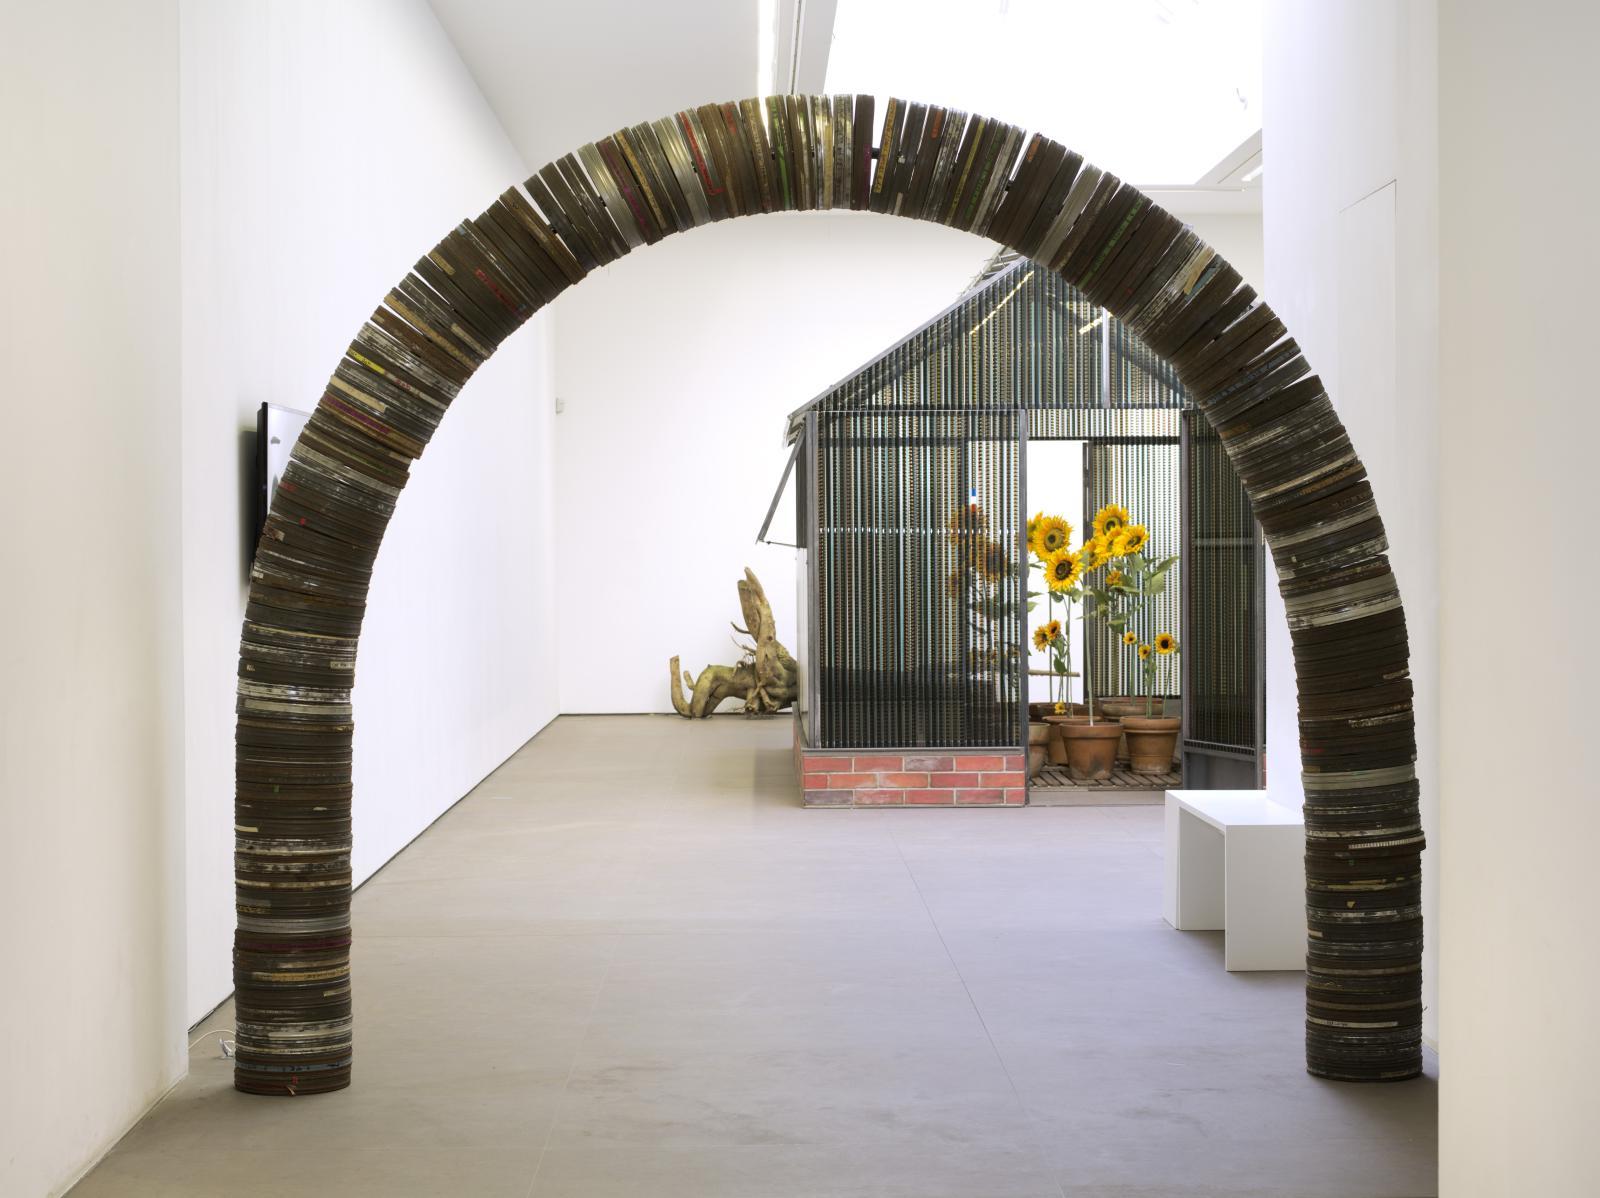 L'arche de bobines et la serre du Bonheur. © Courtesy Galerie Nathalie Obadia, Paris/Brussels